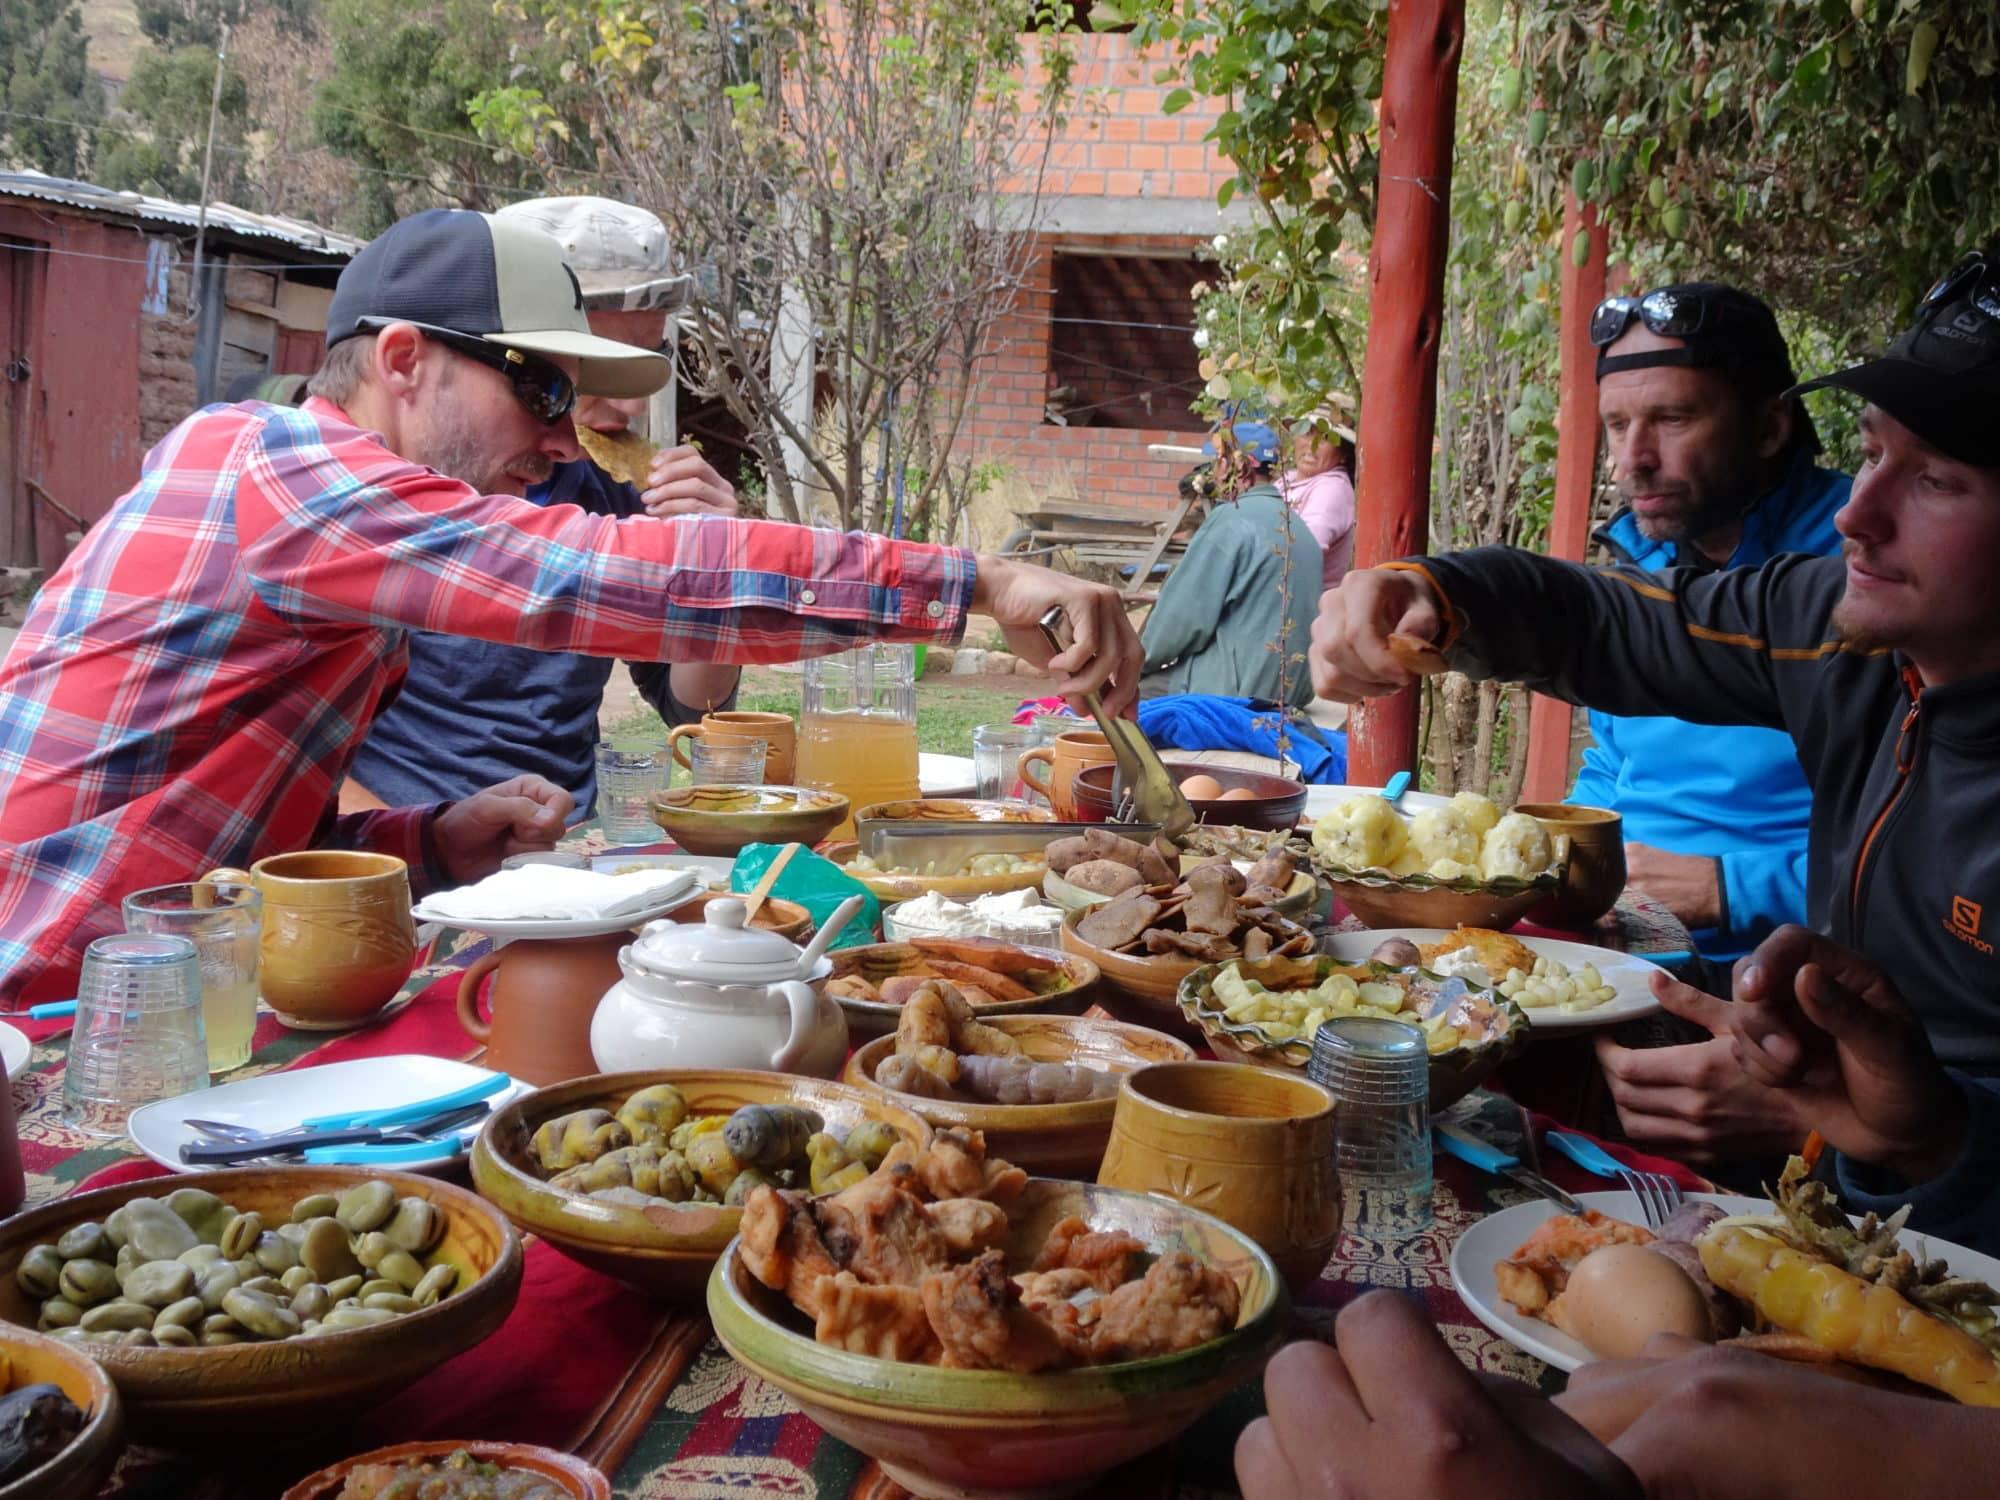 Bolivie, repas chez l'habitant. carrard Xavier